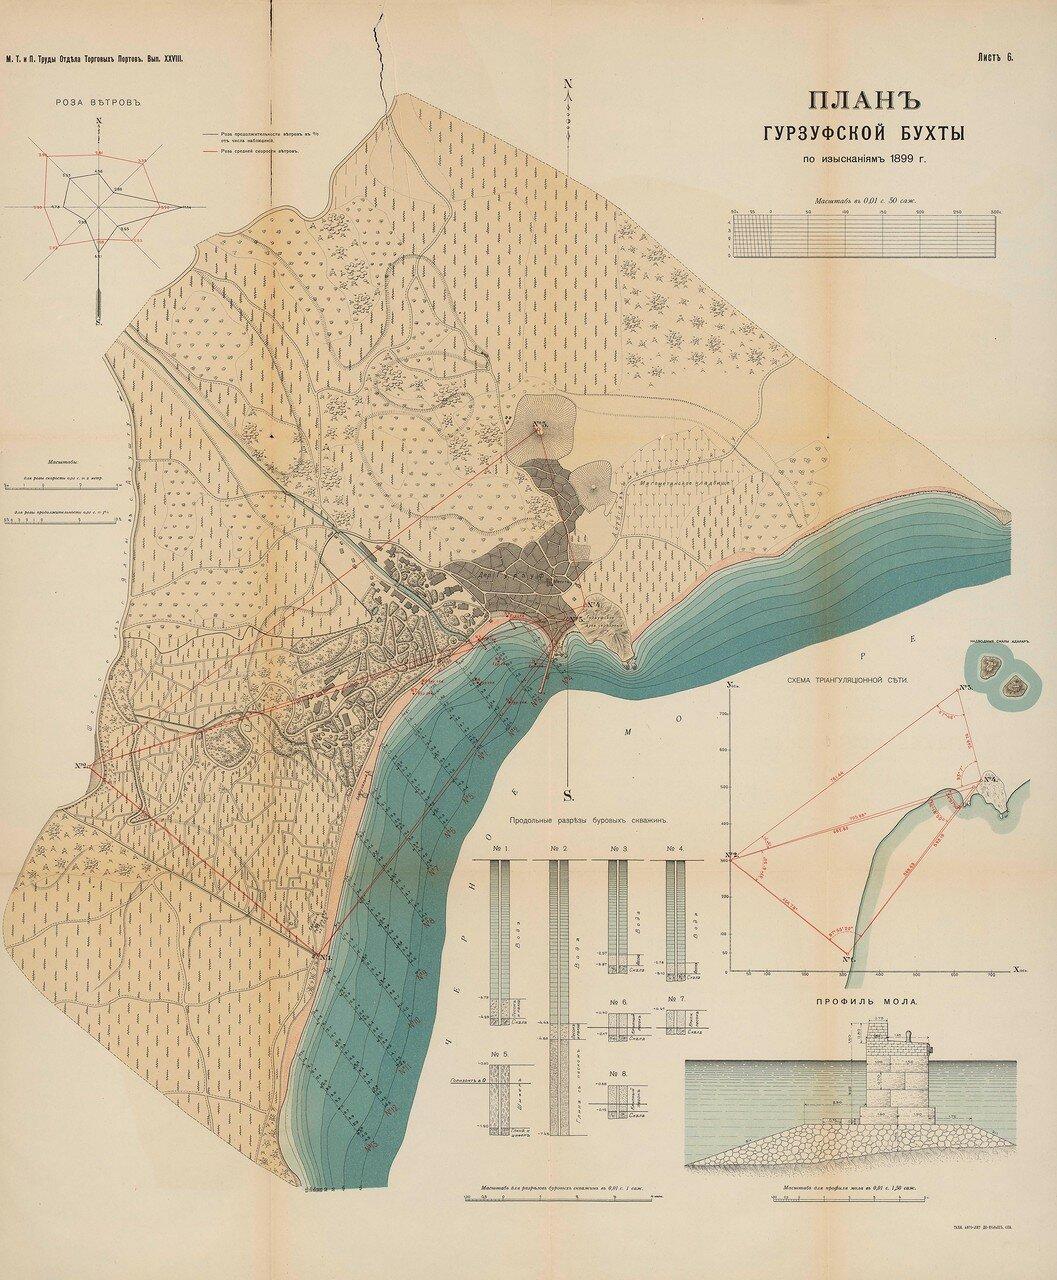 04. План Гурзуфской бухты. 1899